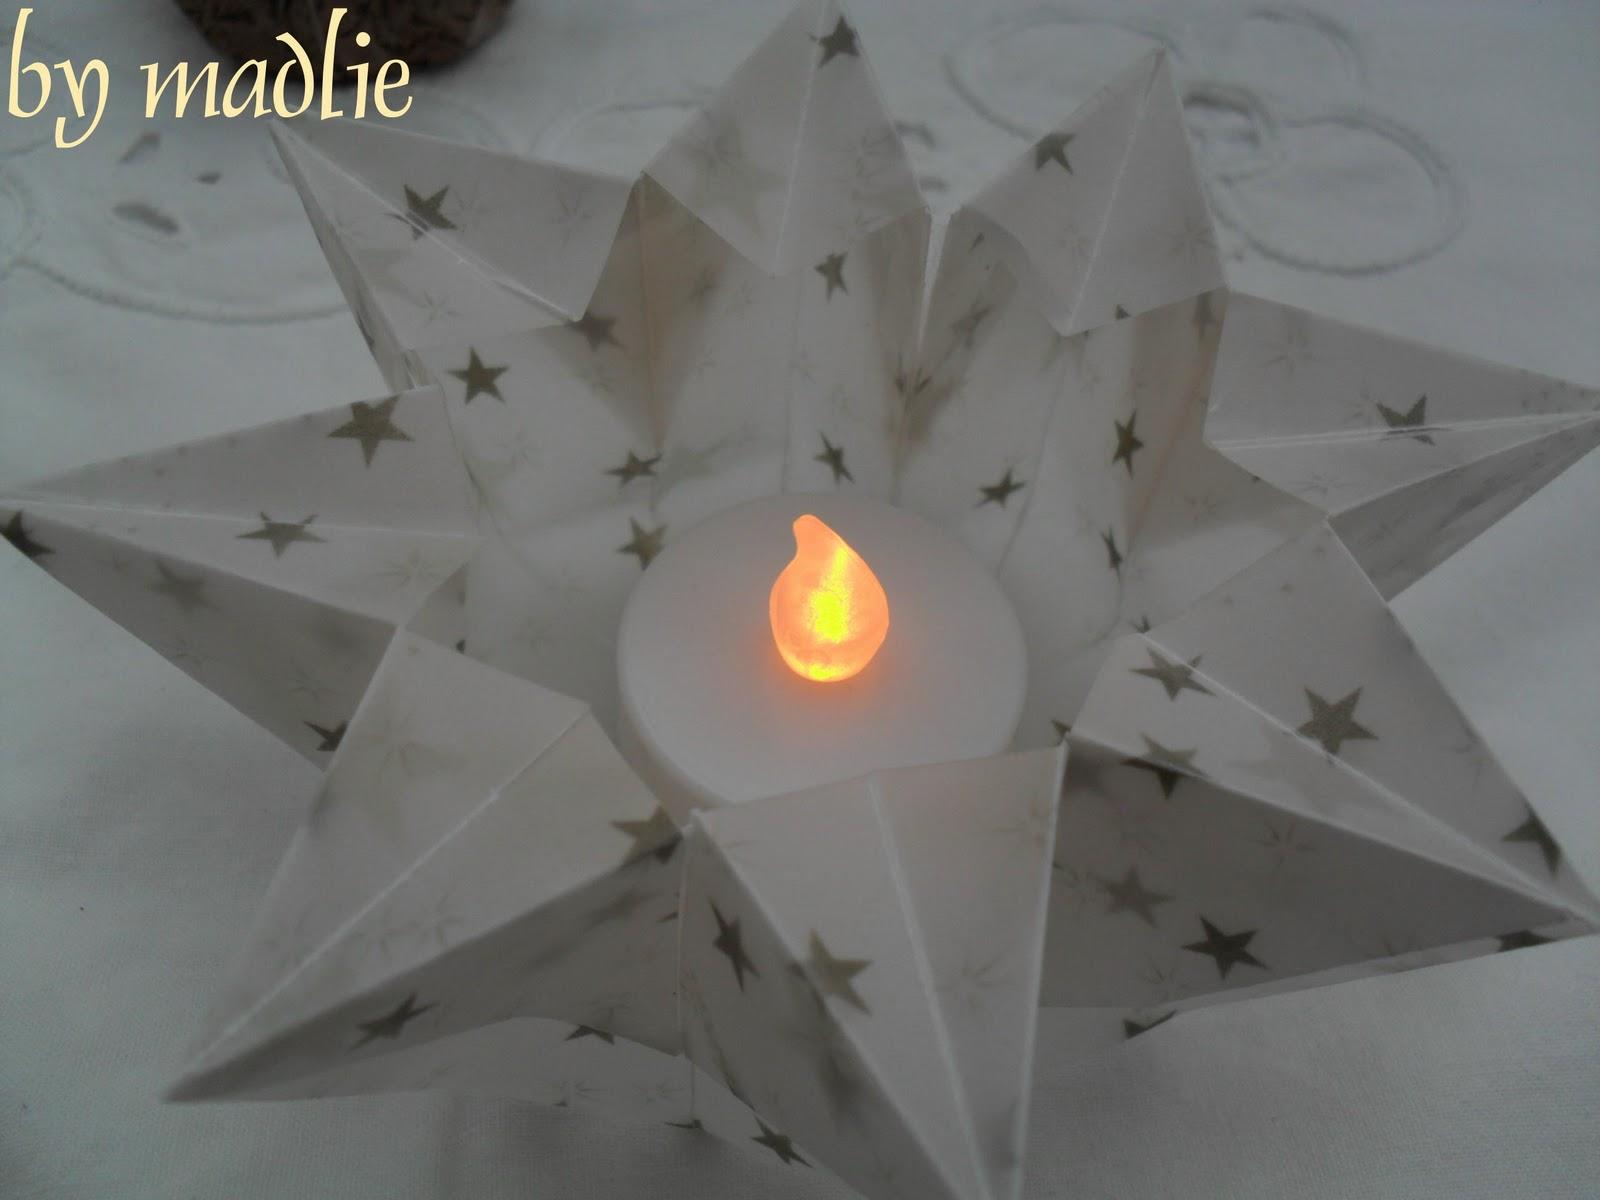 madlies welt advent advent ein lichtlein brennt. Black Bedroom Furniture Sets. Home Design Ideas